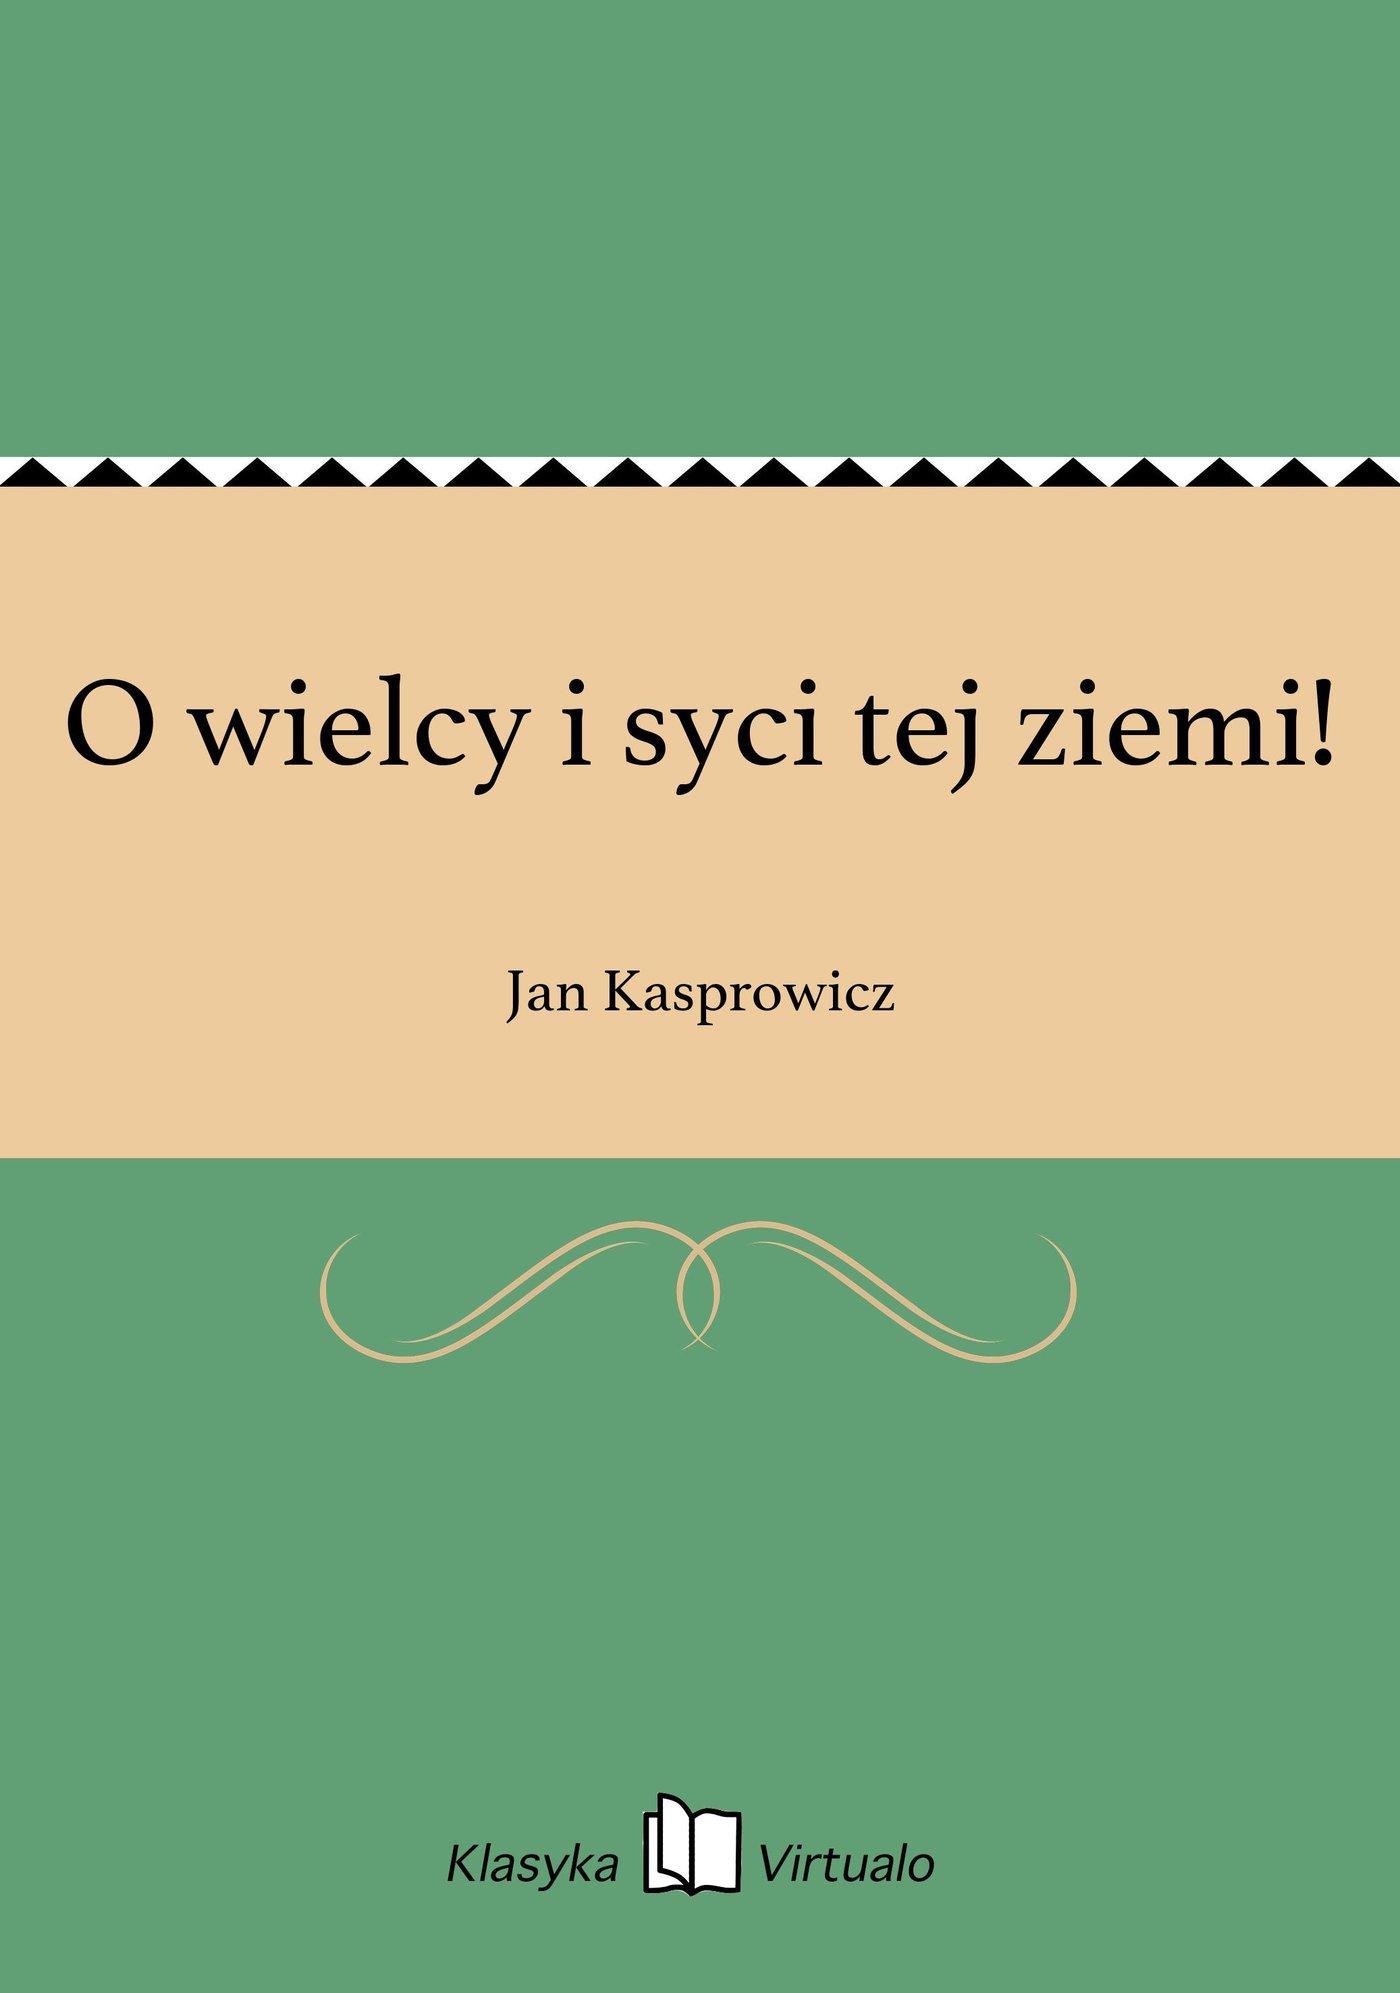 O wielcy i syci tej ziemi! - Ebook (Książka na Kindle) do pobrania w formacie MOBI